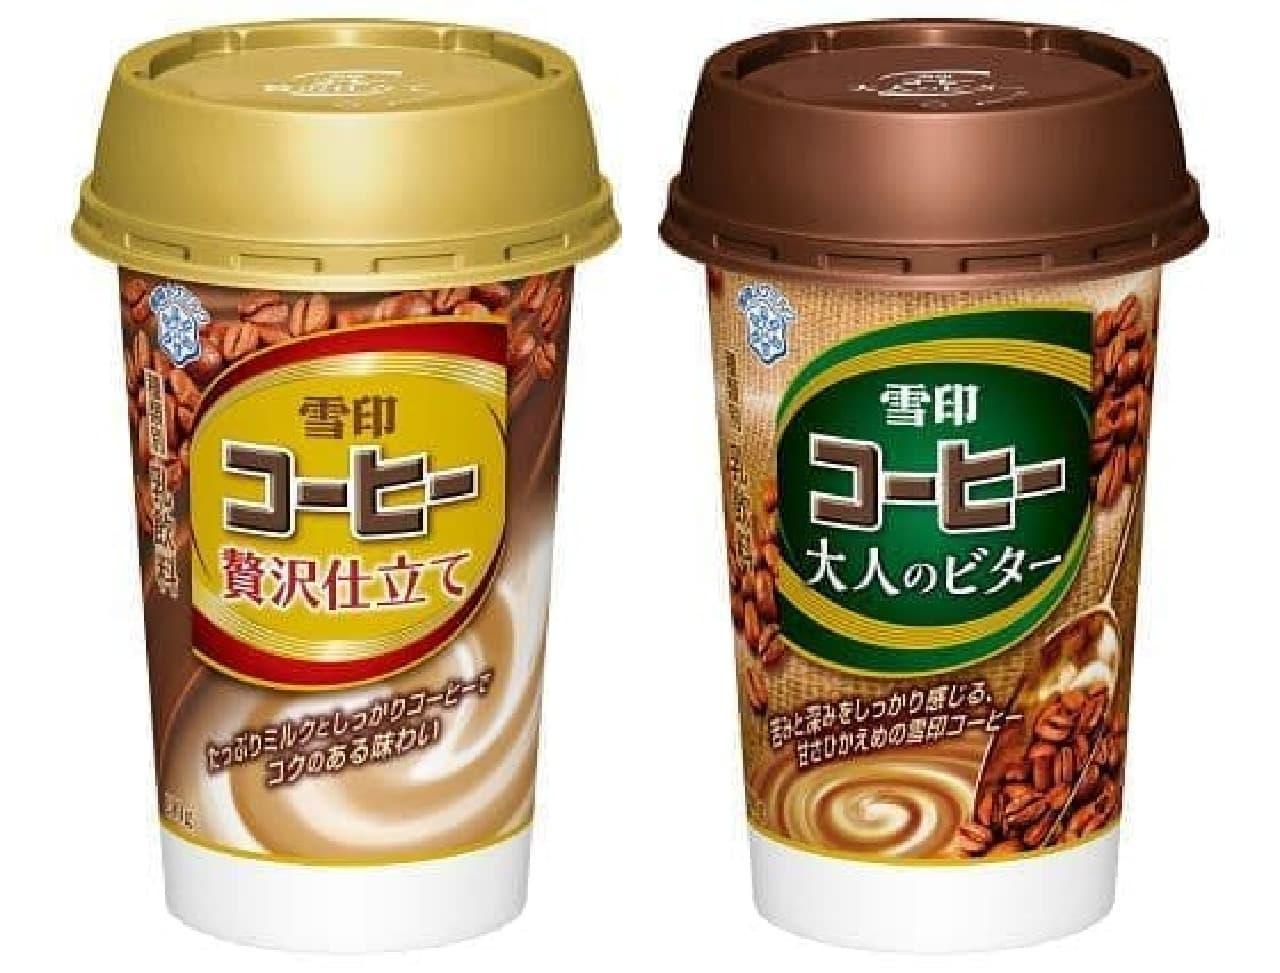 雪印メグミルク「雪印コーヒー 贅沢仕立て」「雪印コーヒー 大人のビター」